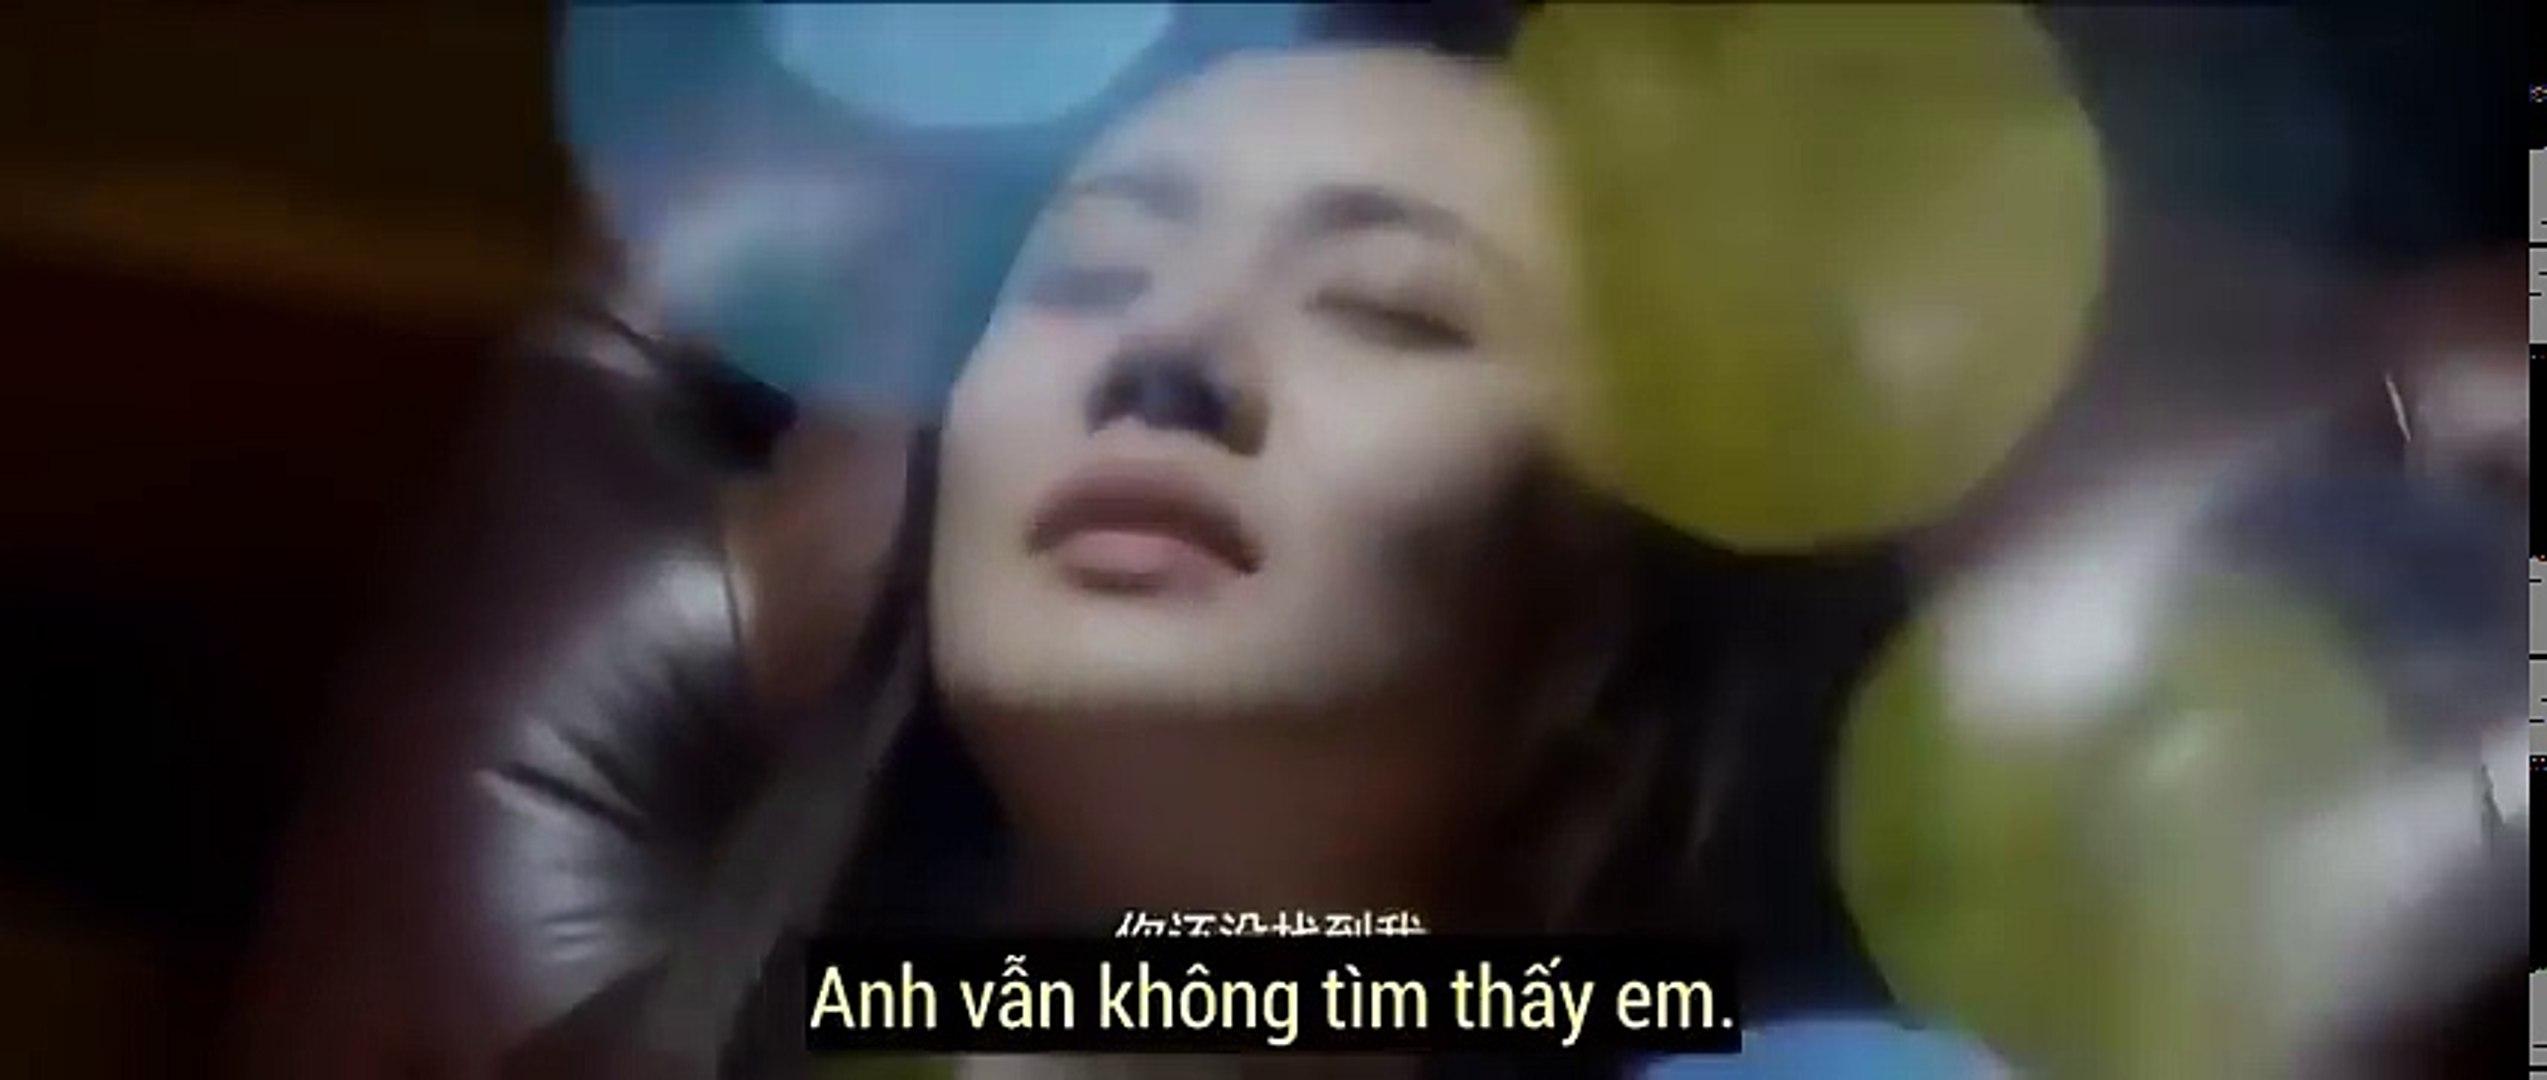 Phim Tết 2018 Phim Hành Động Hồng Kong cực HAY: Chơi Tới Cùng -Triệu Văn Trác part 2/2